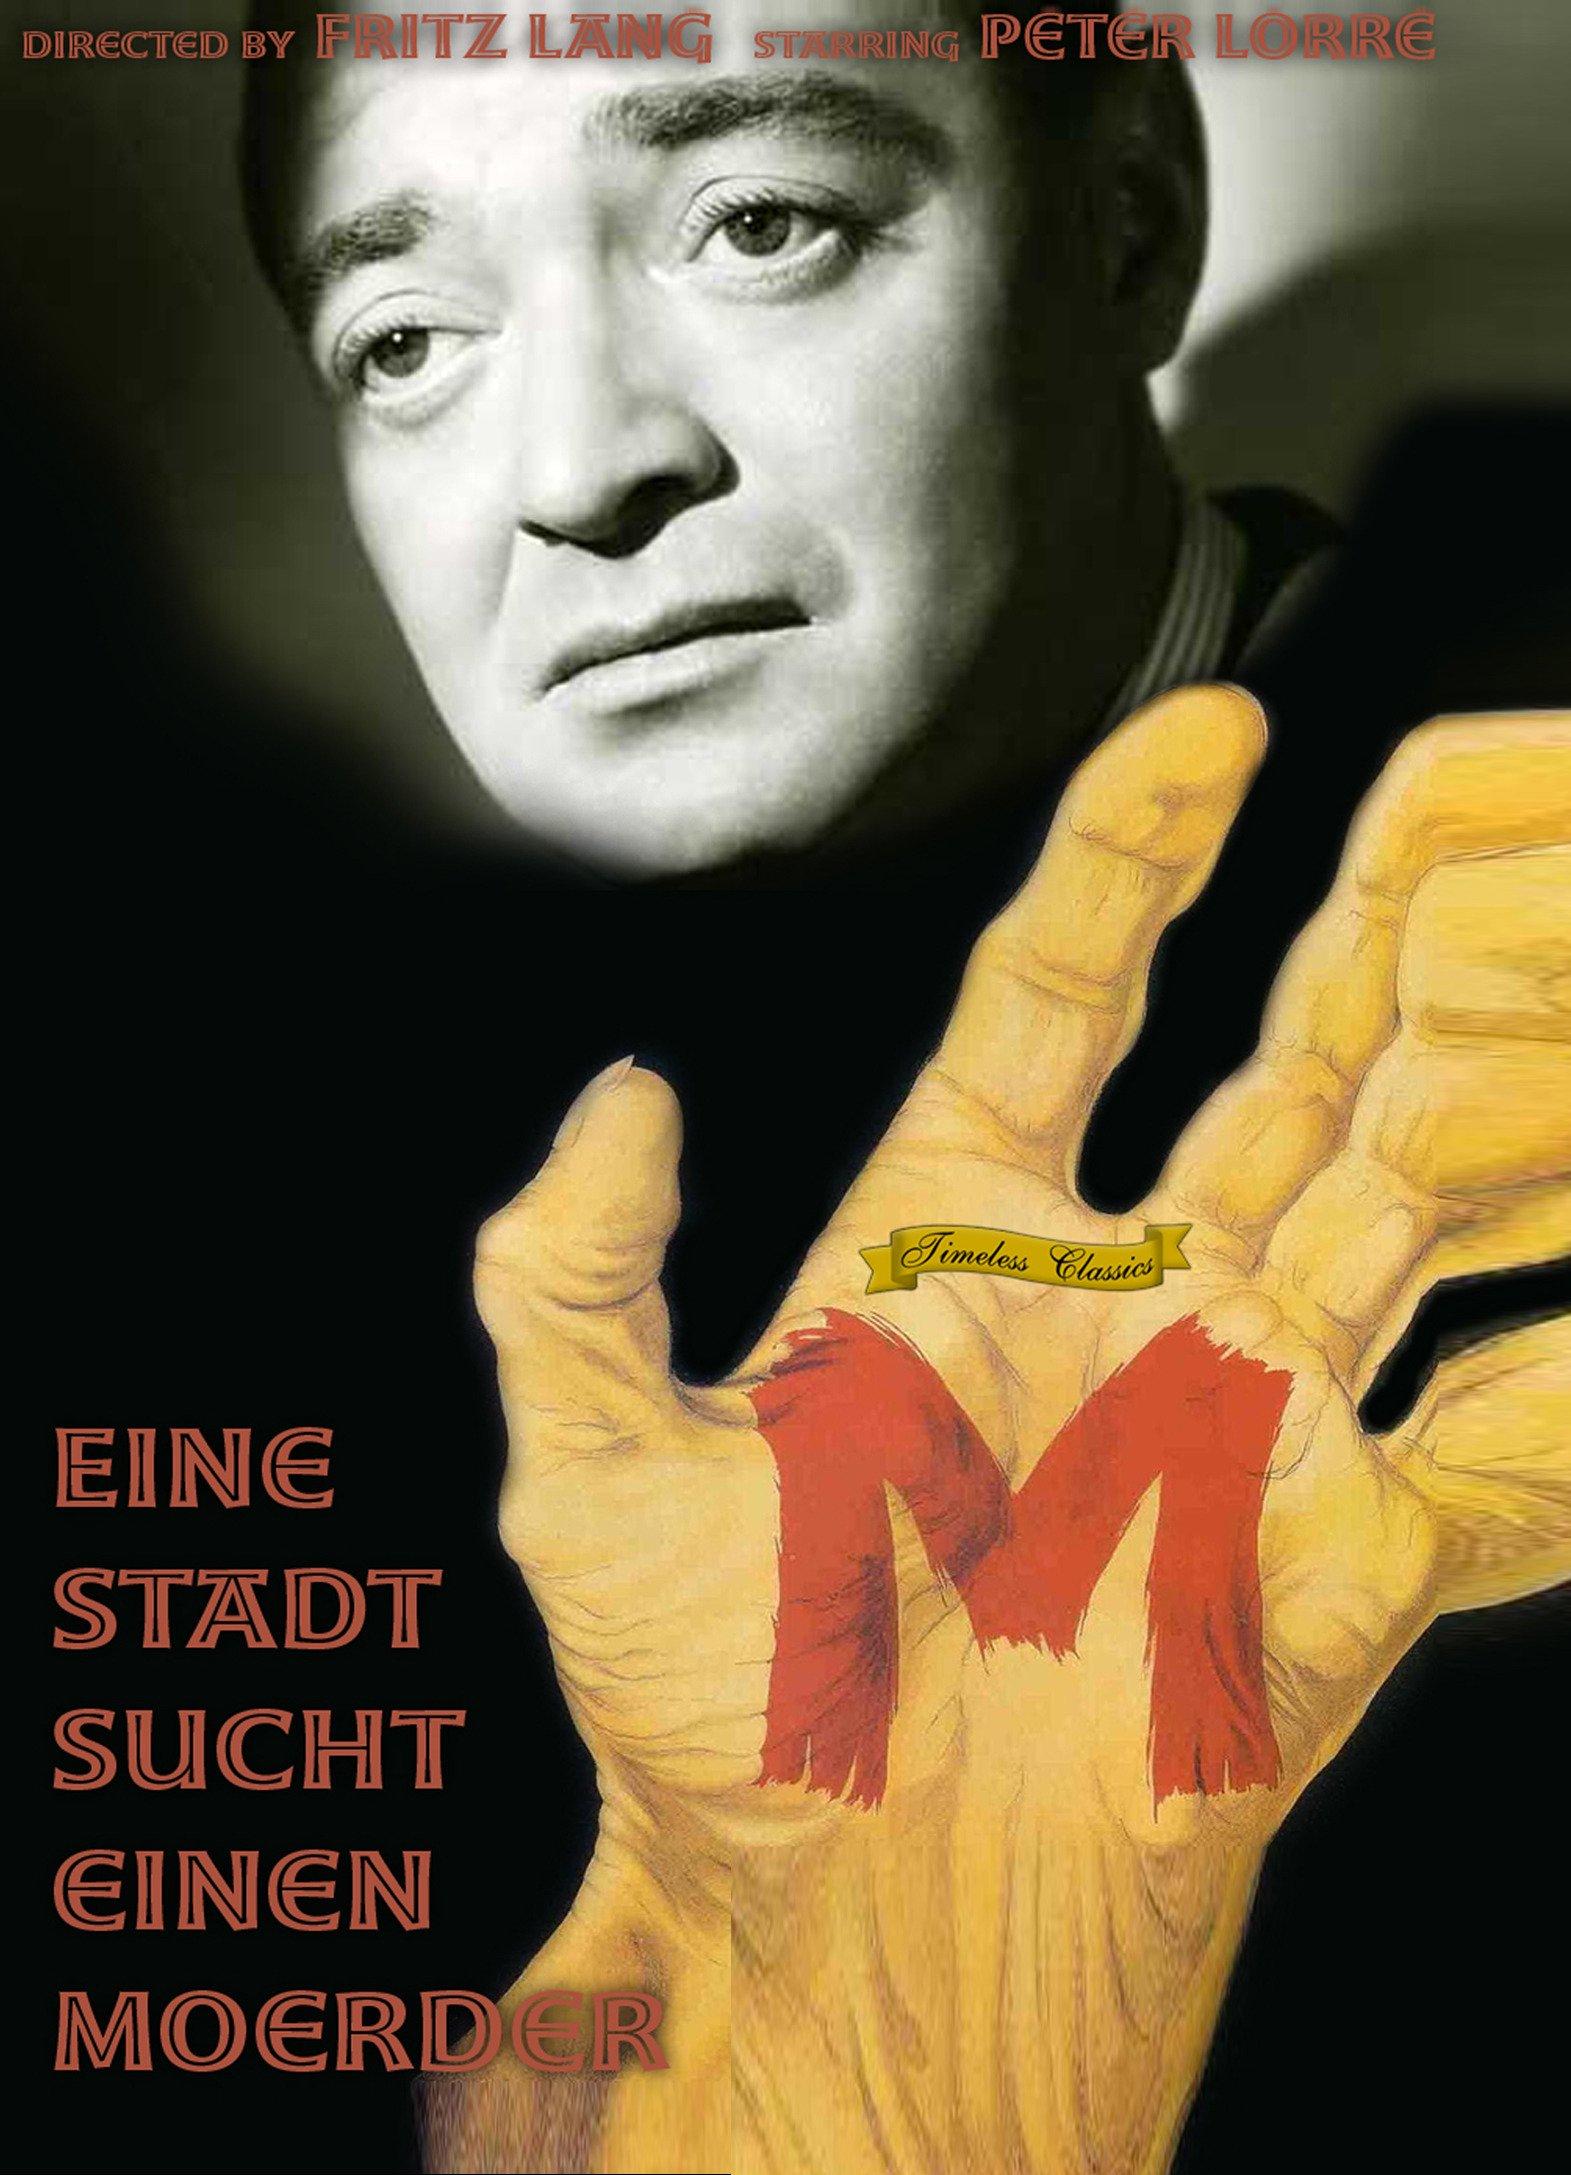 M/Eine Stadt Sucht Einen Moerder Starring Peter Lorre (1931)